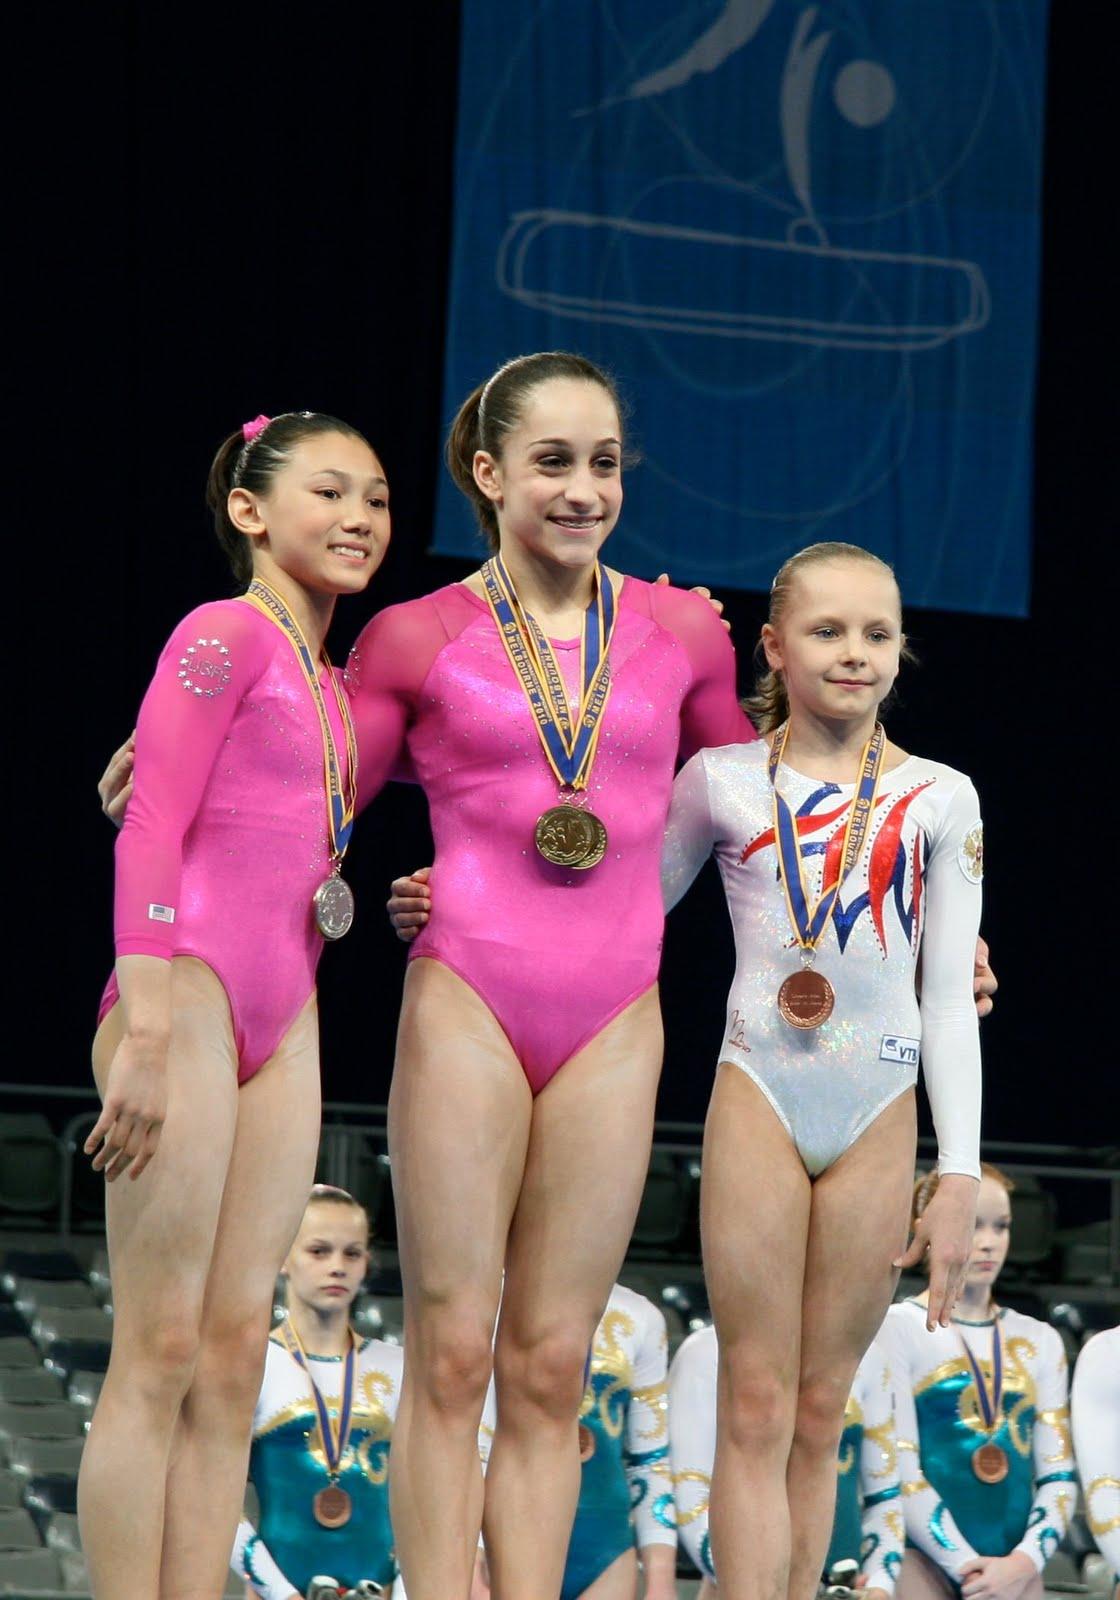 Little Junior Girls Gymnastics